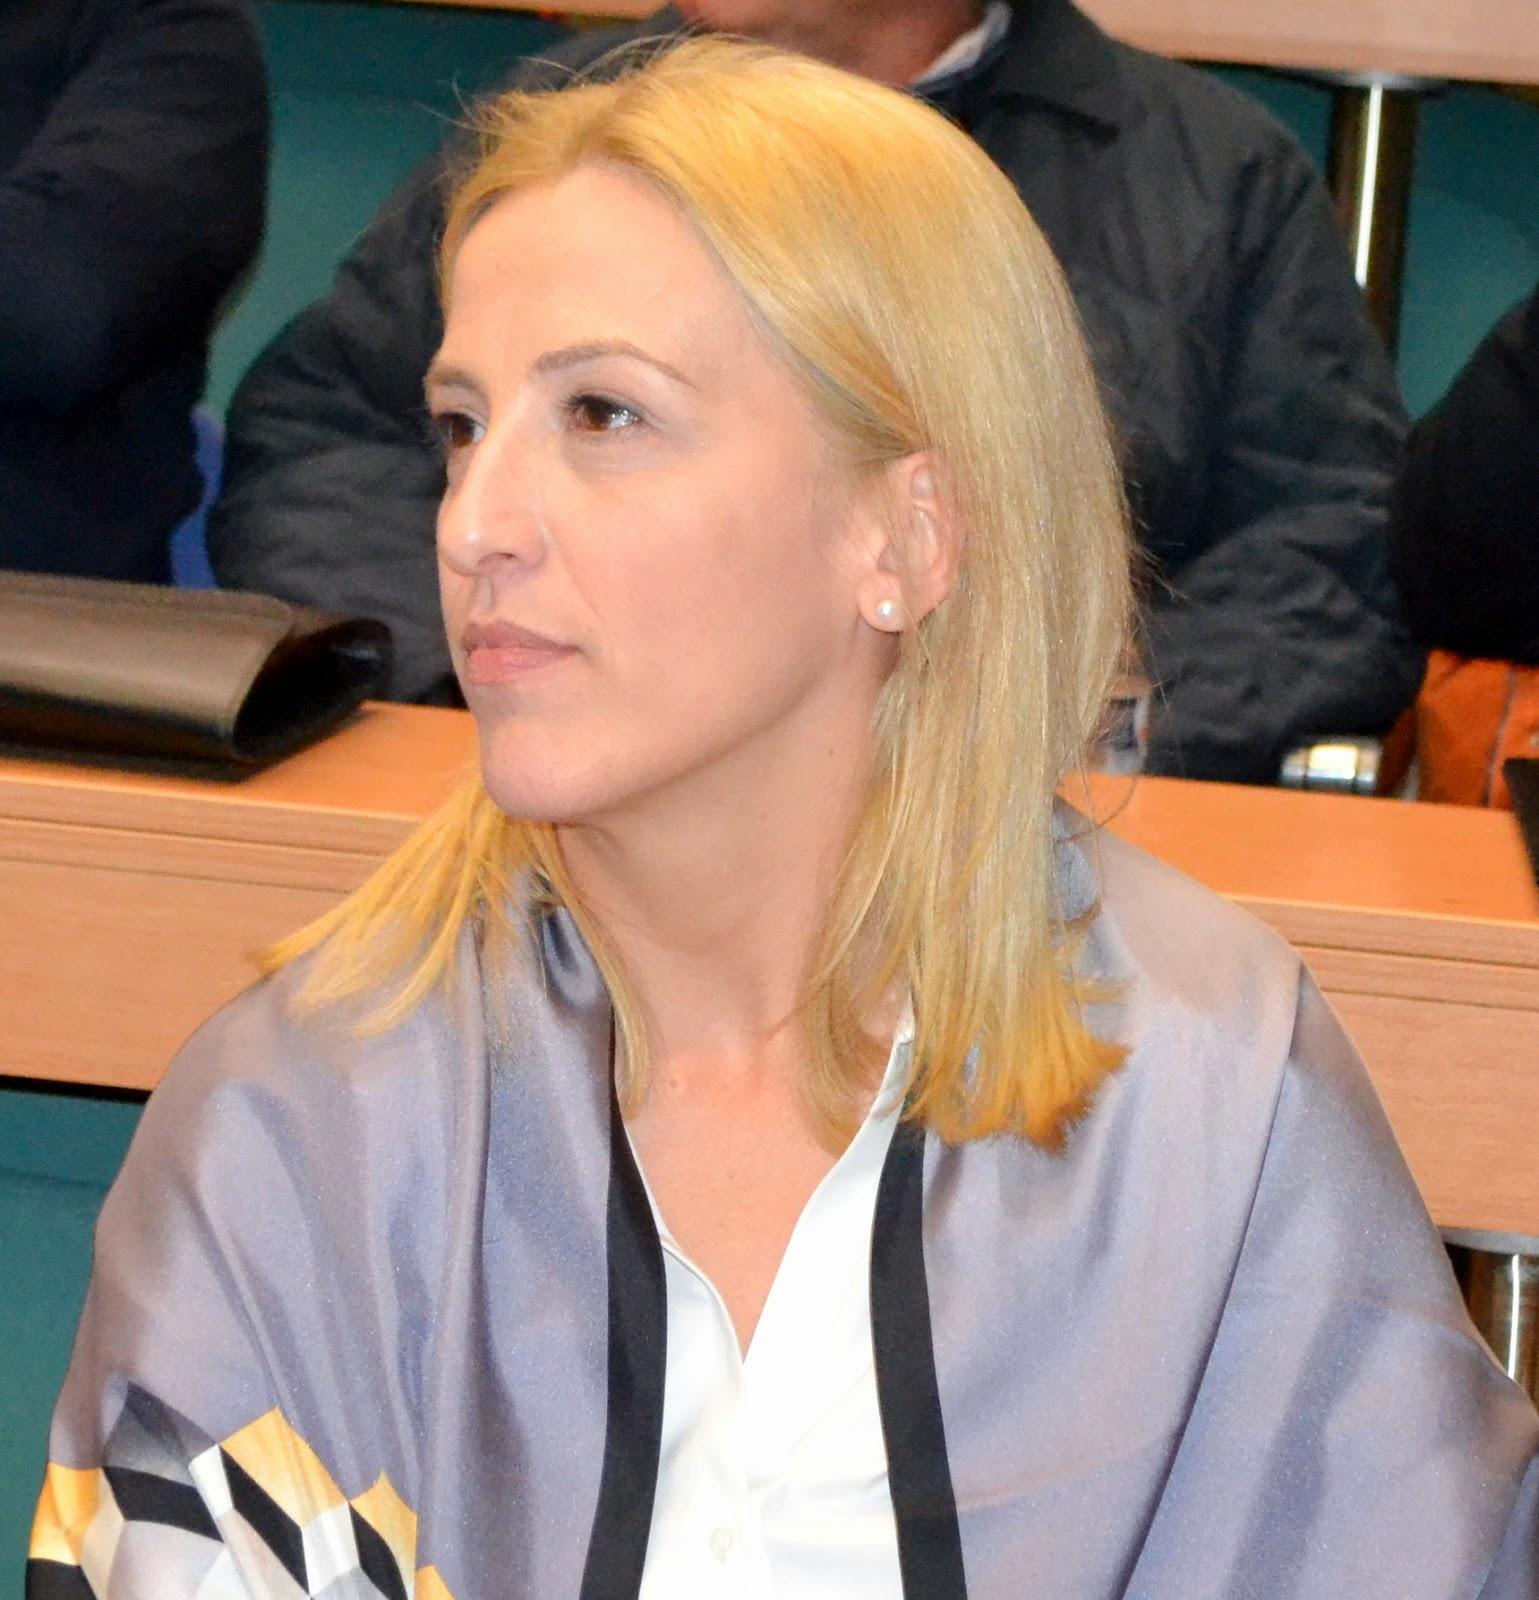 Ρένα Δούρου : «Tο νέο κοινωνικό συμβόλαιο για την Ευρώπη του αύριο»